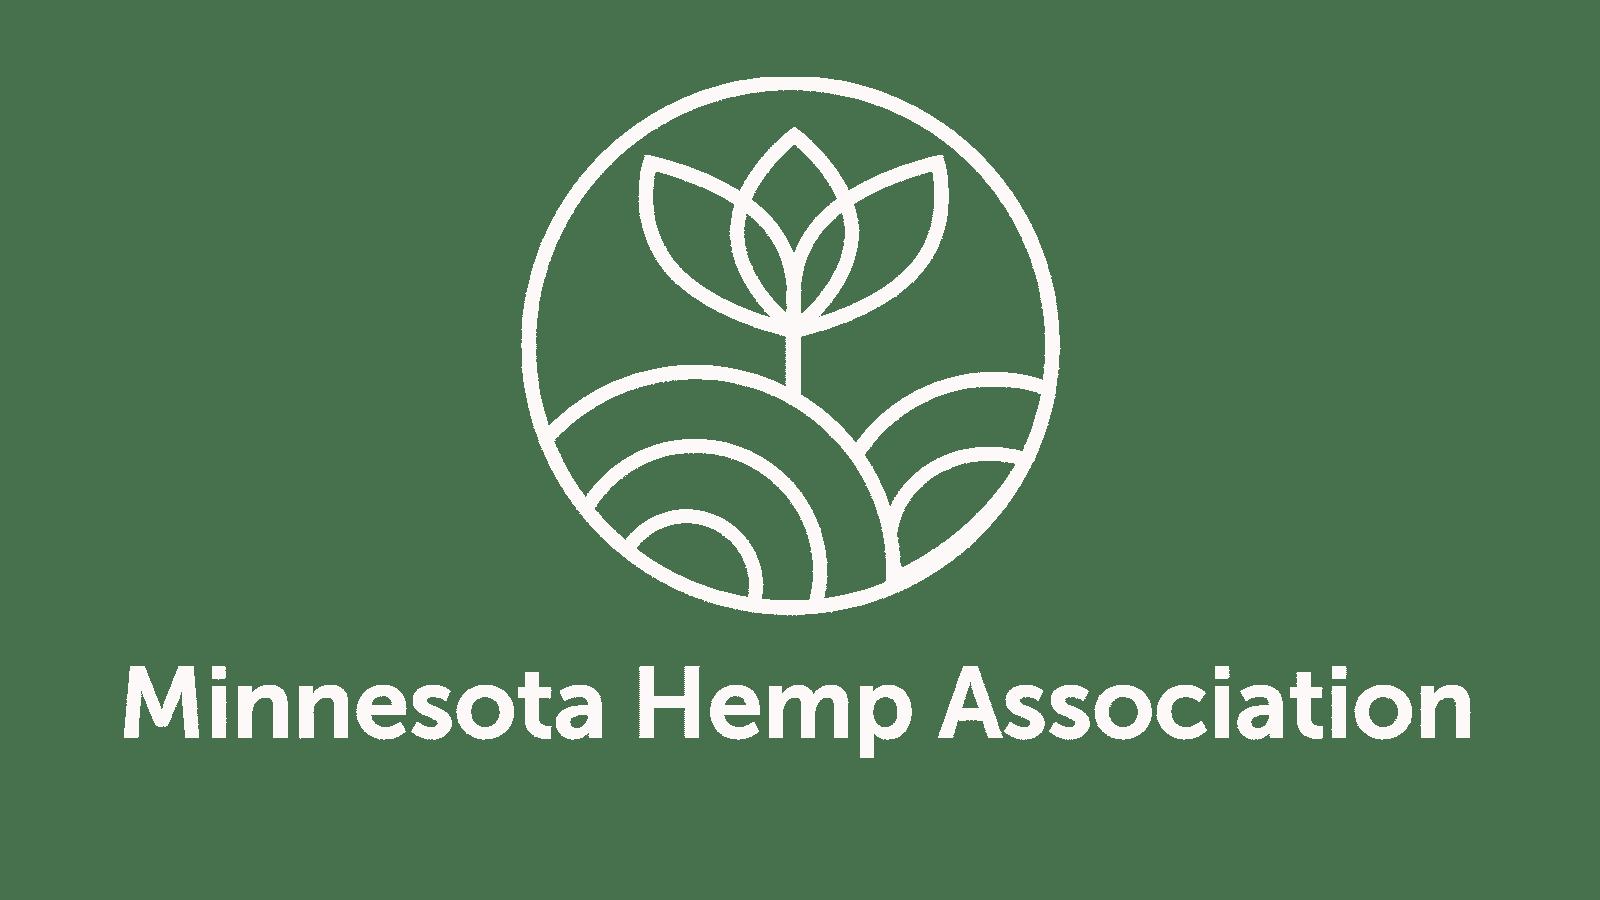 Minnesota Hemp Association